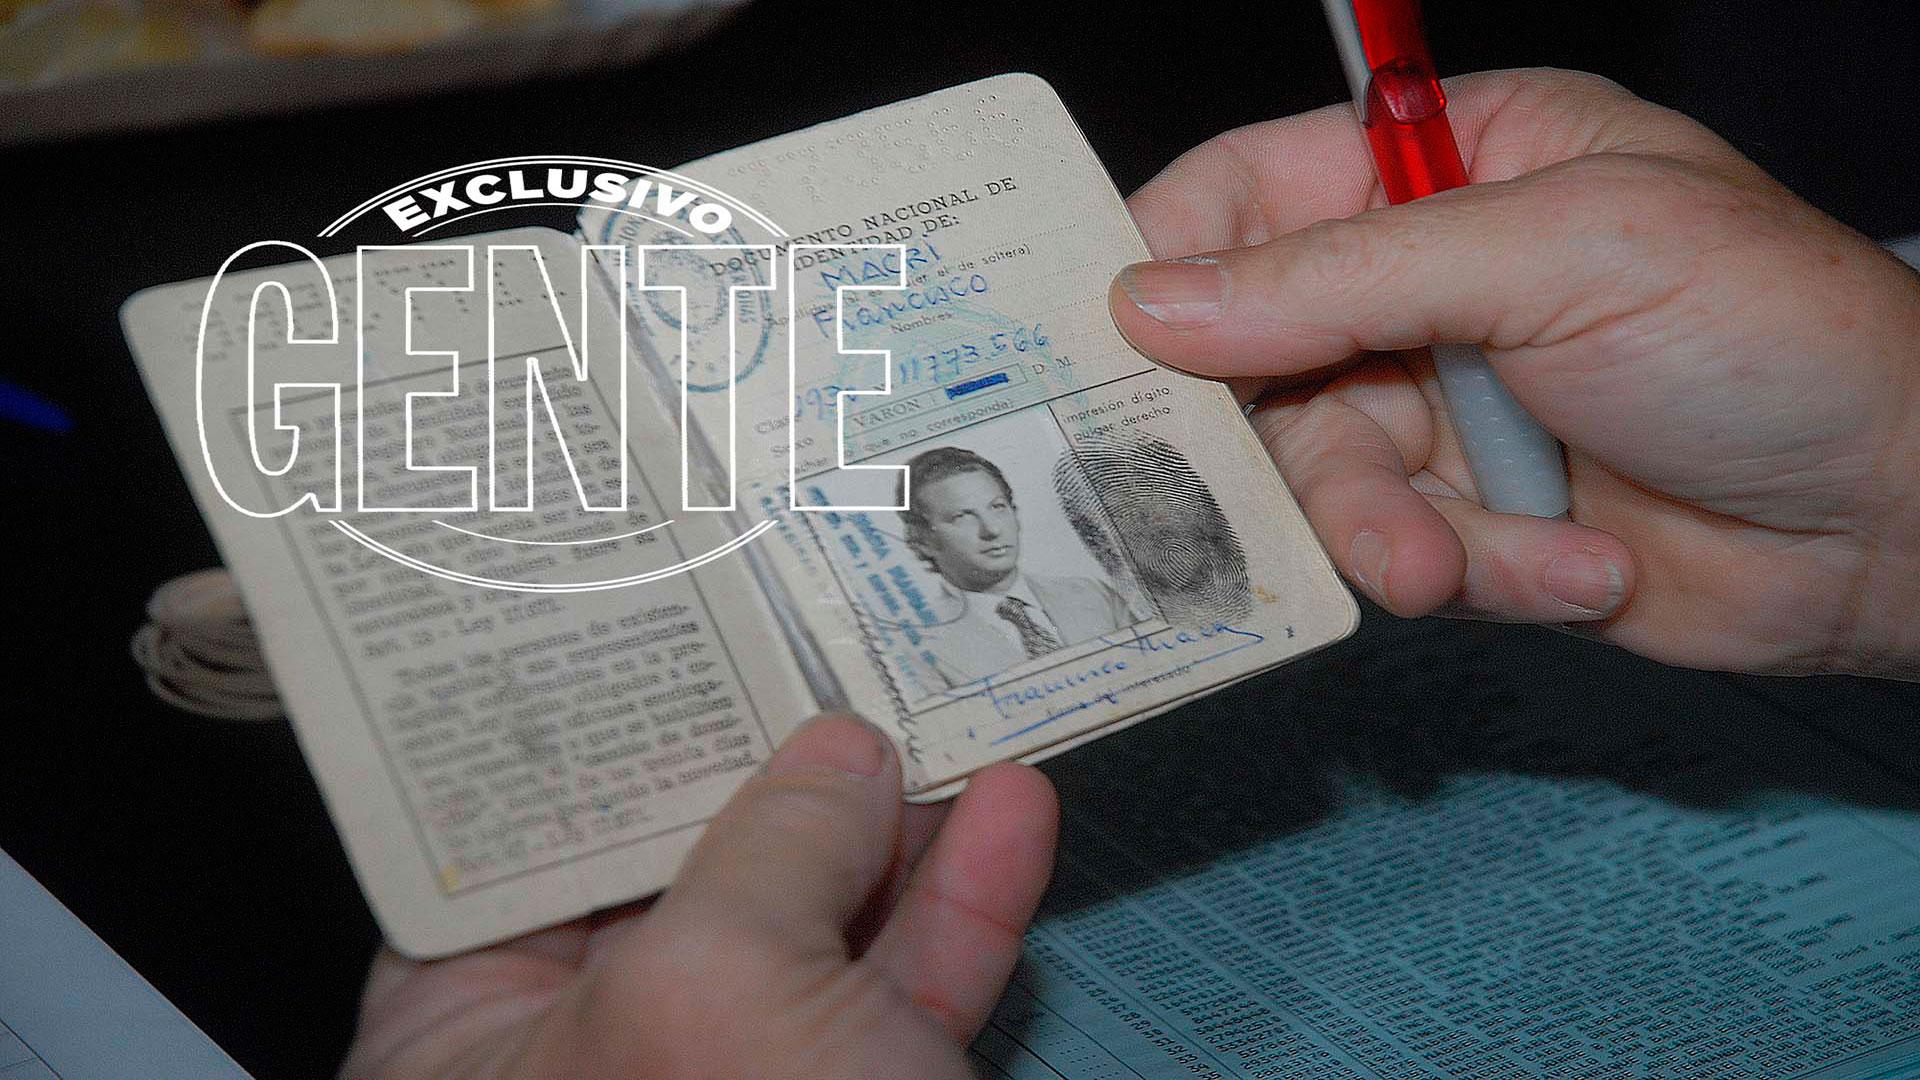 El DNI de Franco Macri, exhibido a la hora de votar. Foto: Enrique García Medina/GENTE